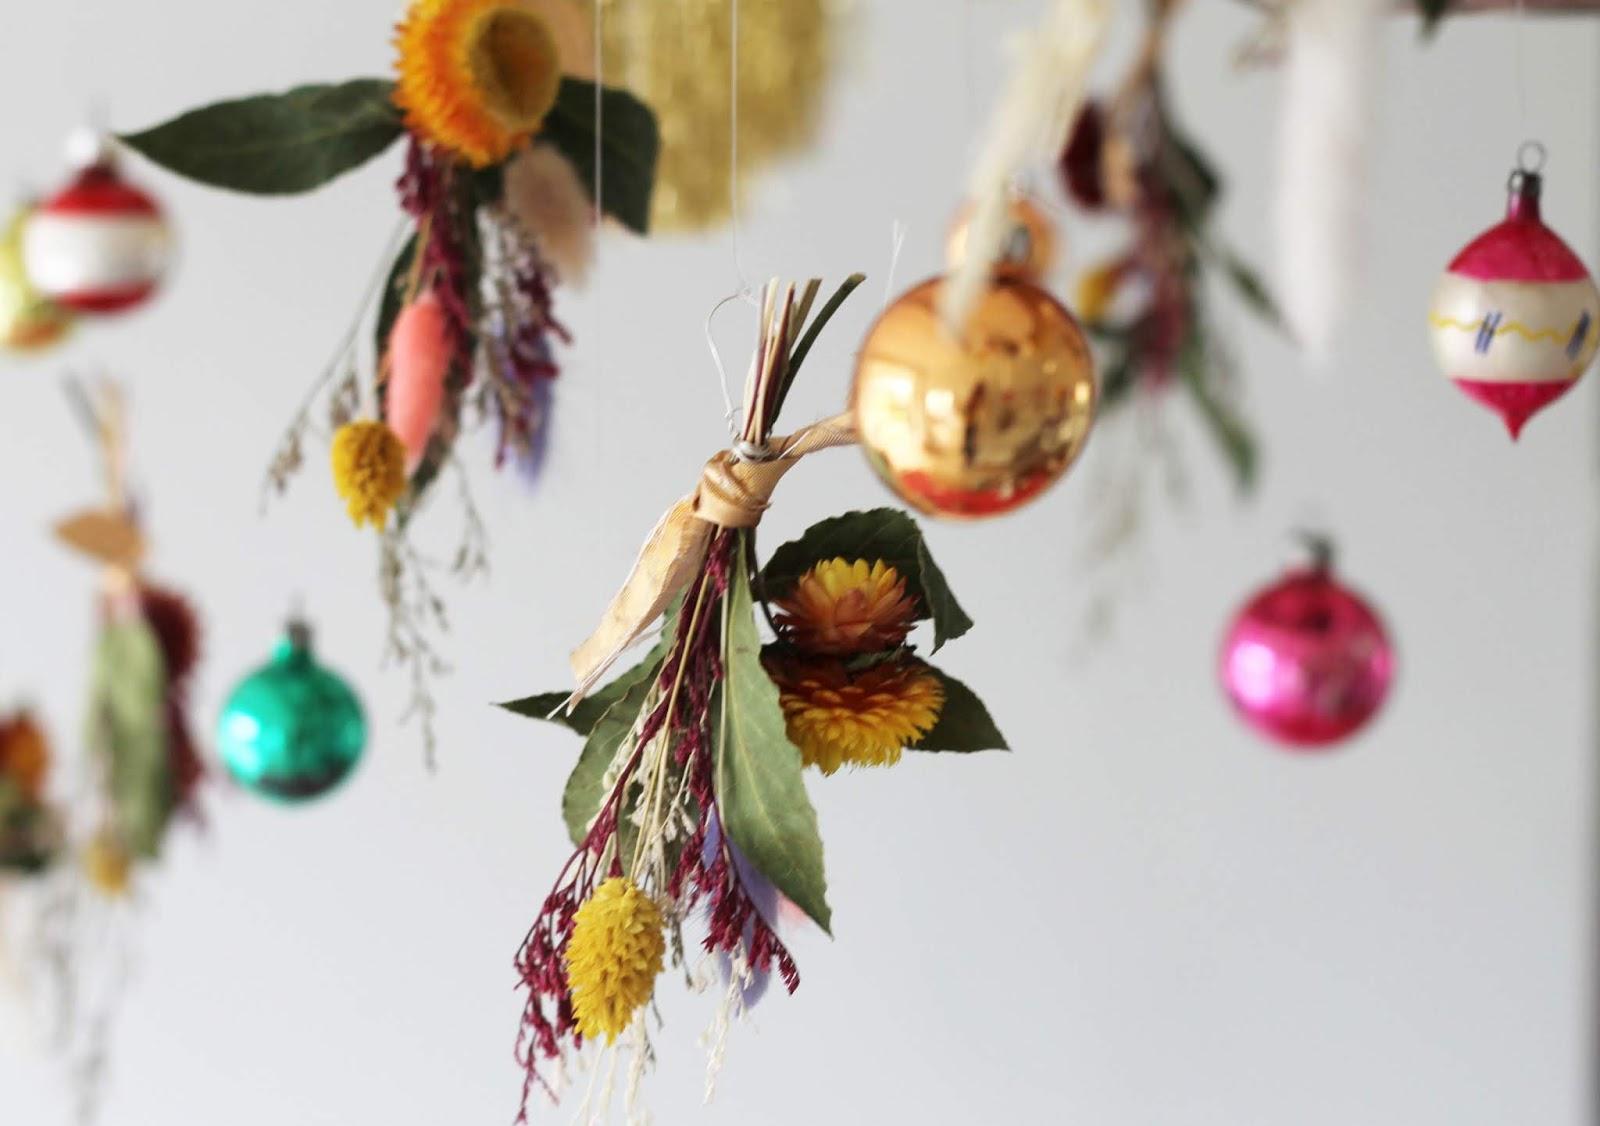 House_at_Christmas_7